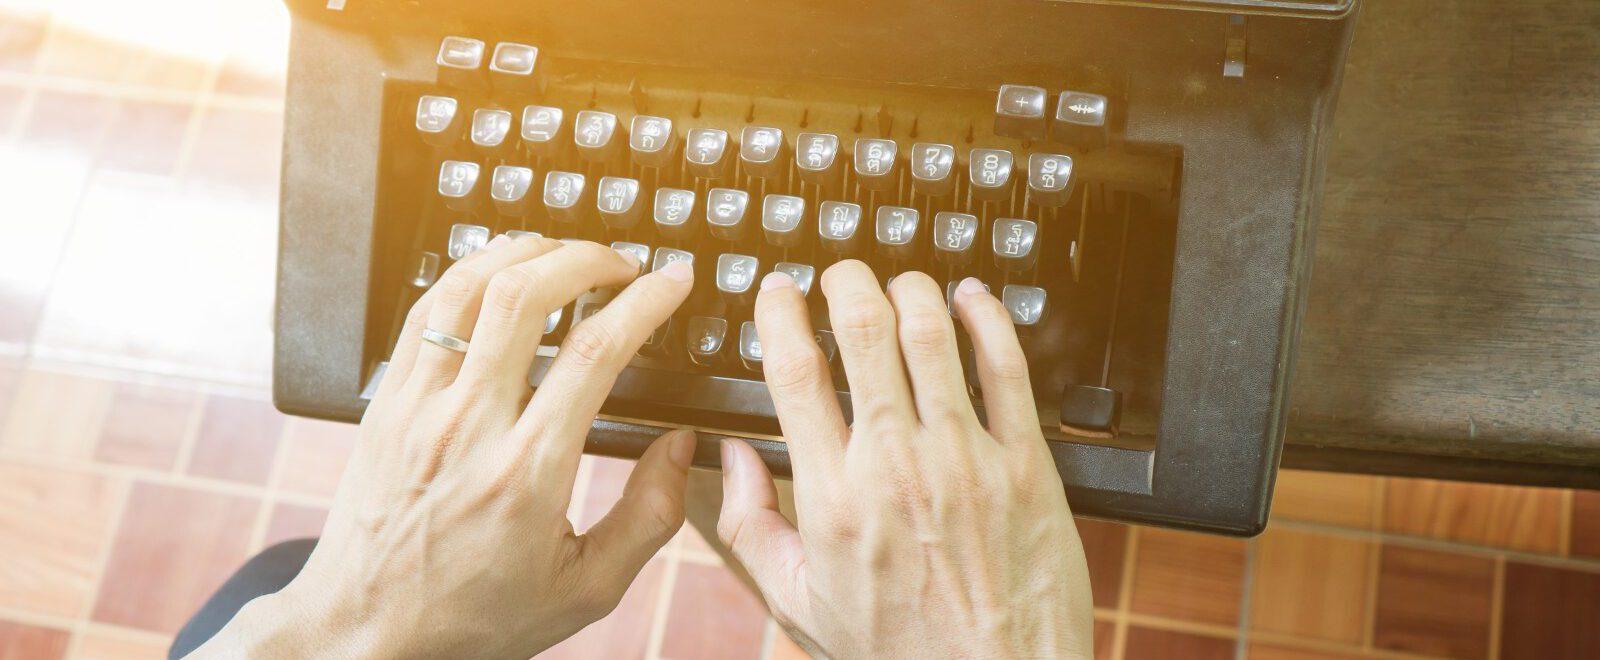 תוכן שיווקי וכתיבה שיווקית